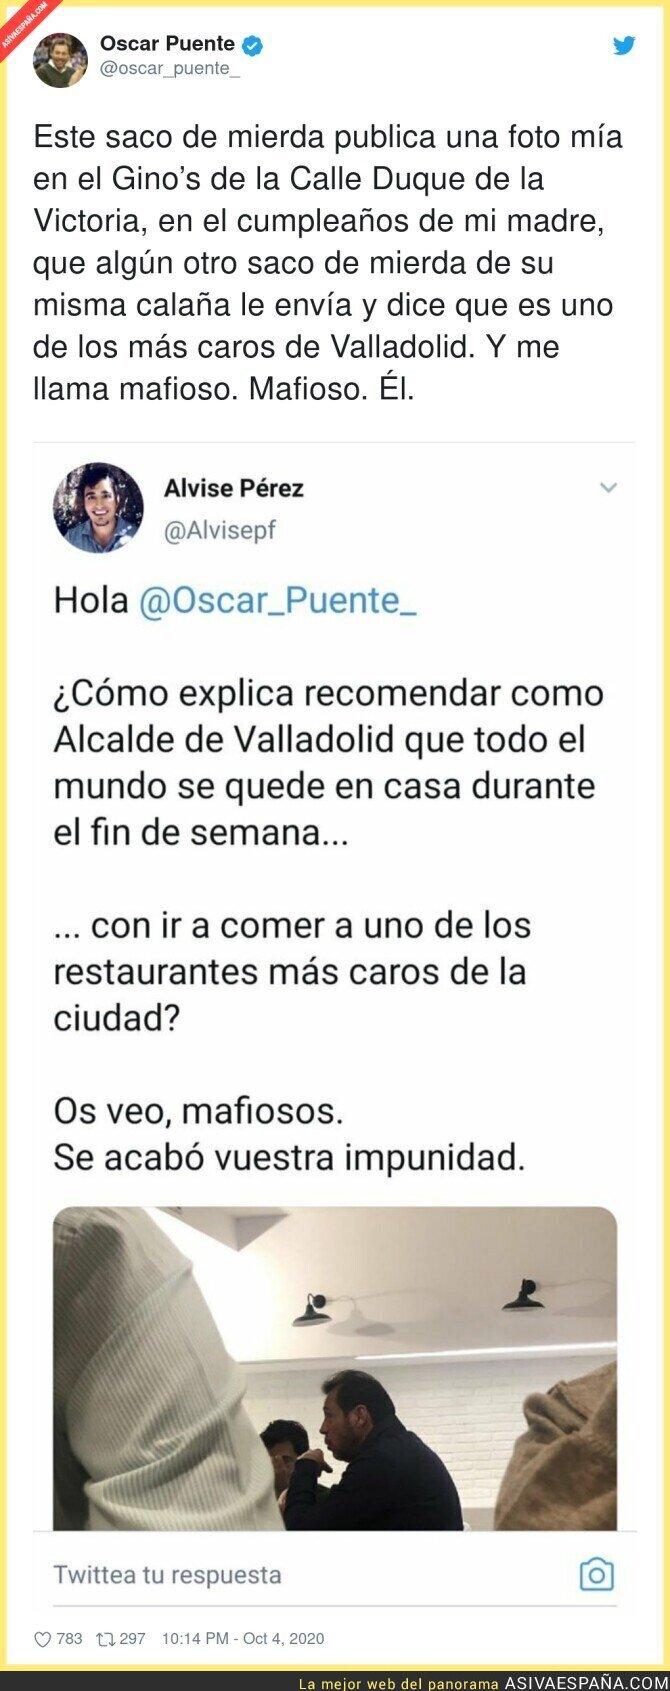 398844 - El mismo que publicó que Manuela Carmena se instaló un respirador en su casa.  No tiene credibilidad ni moral